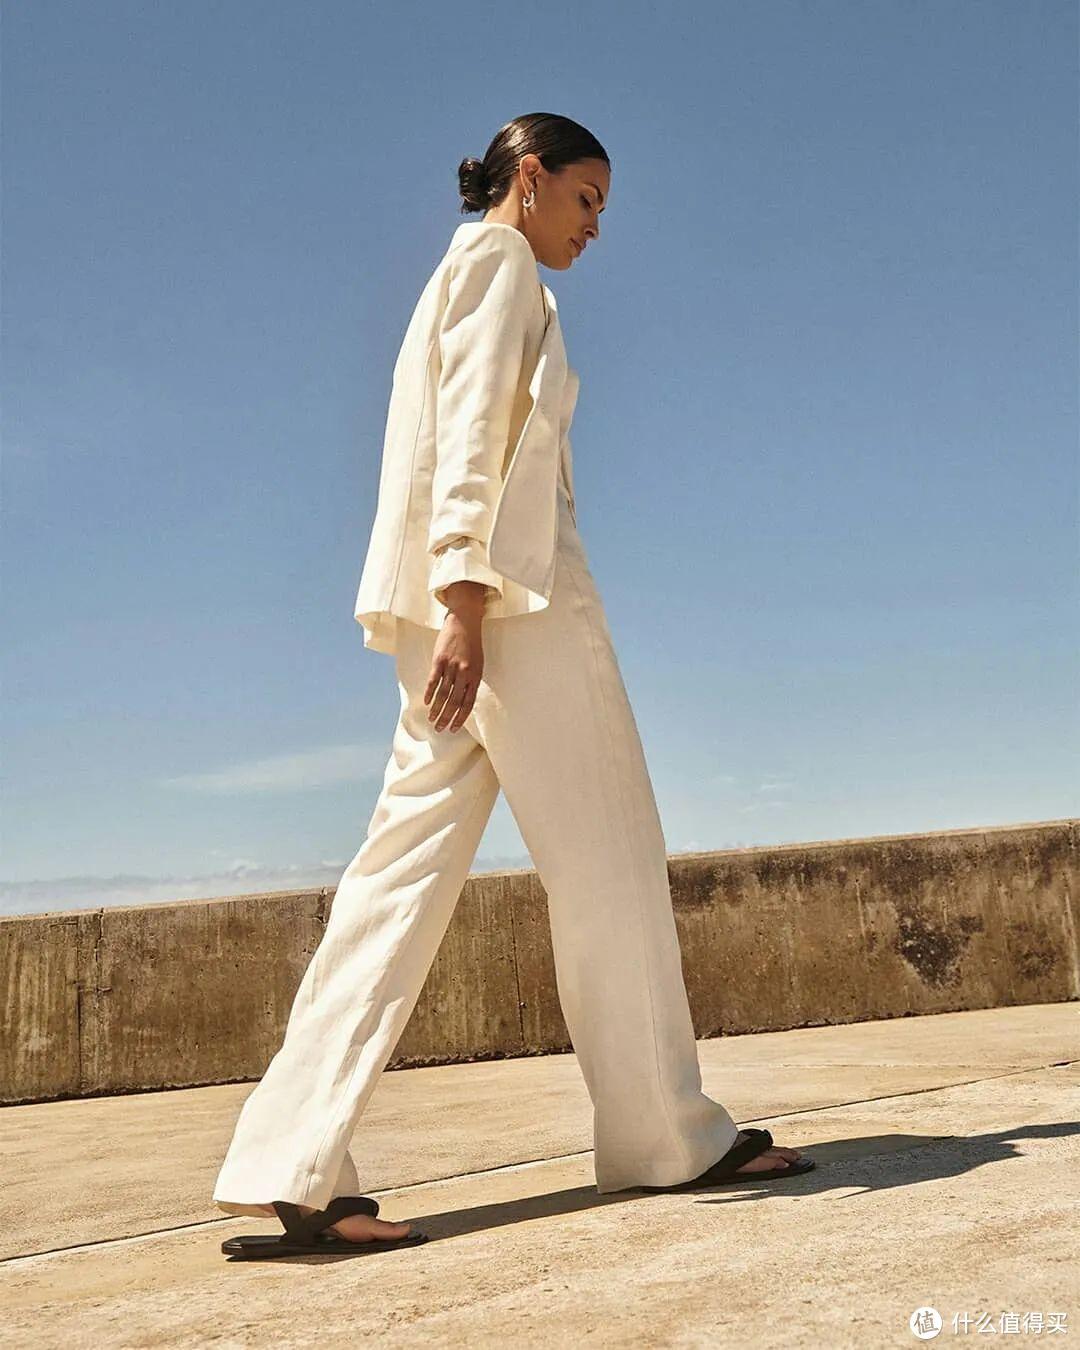 一件白色西装的无数种可能